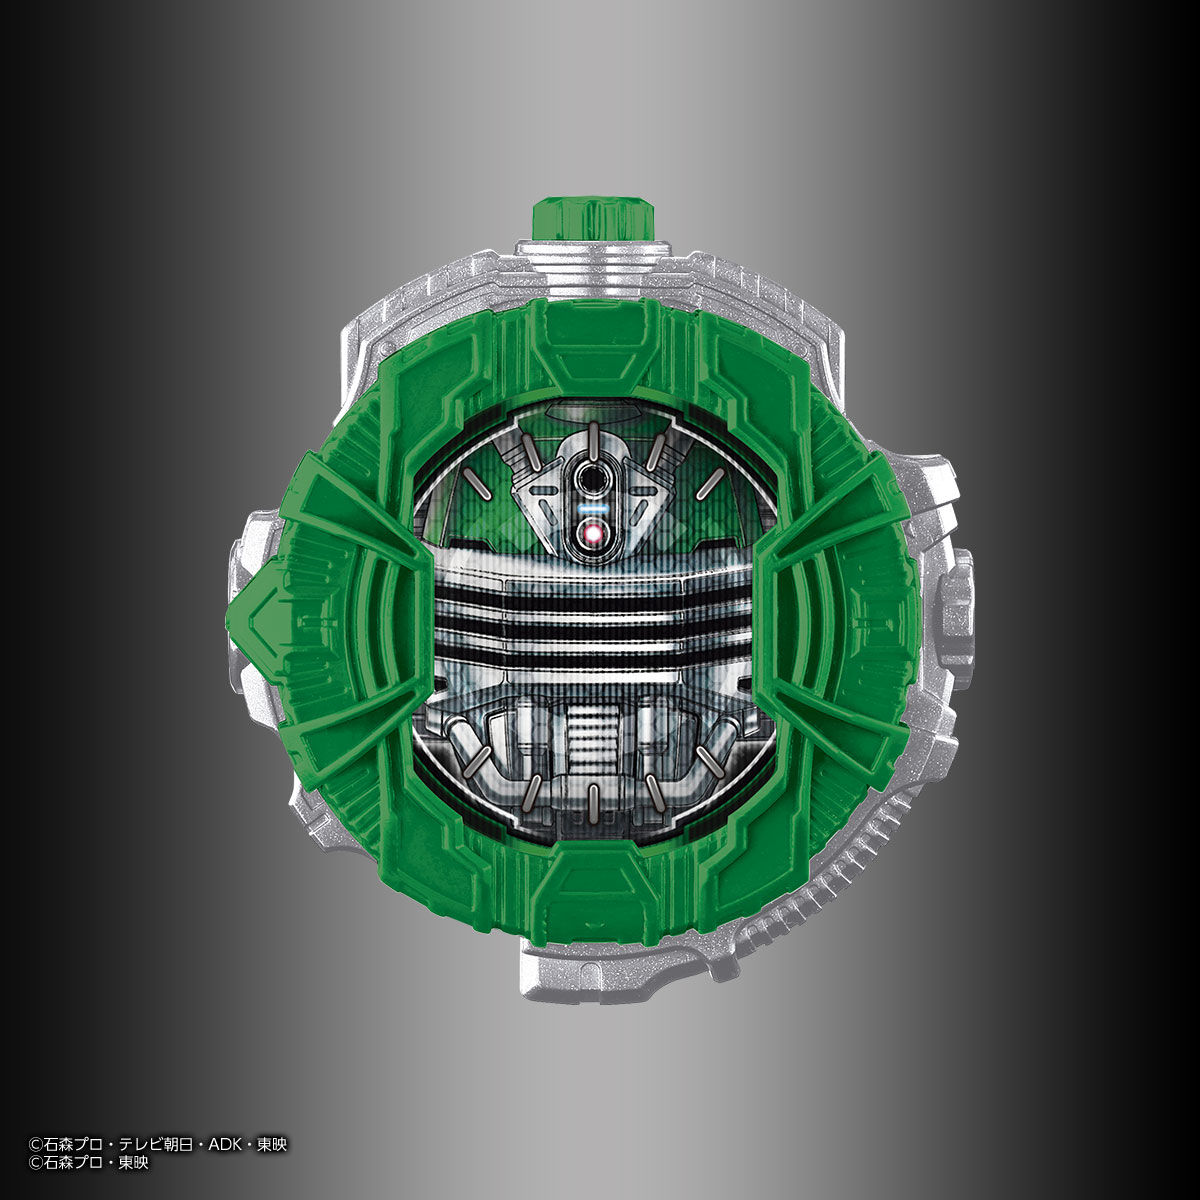 仮面ライダージオウ サウンドライドウォッチシリーズ『GPライドウォッチPB02』ガシャポン-007